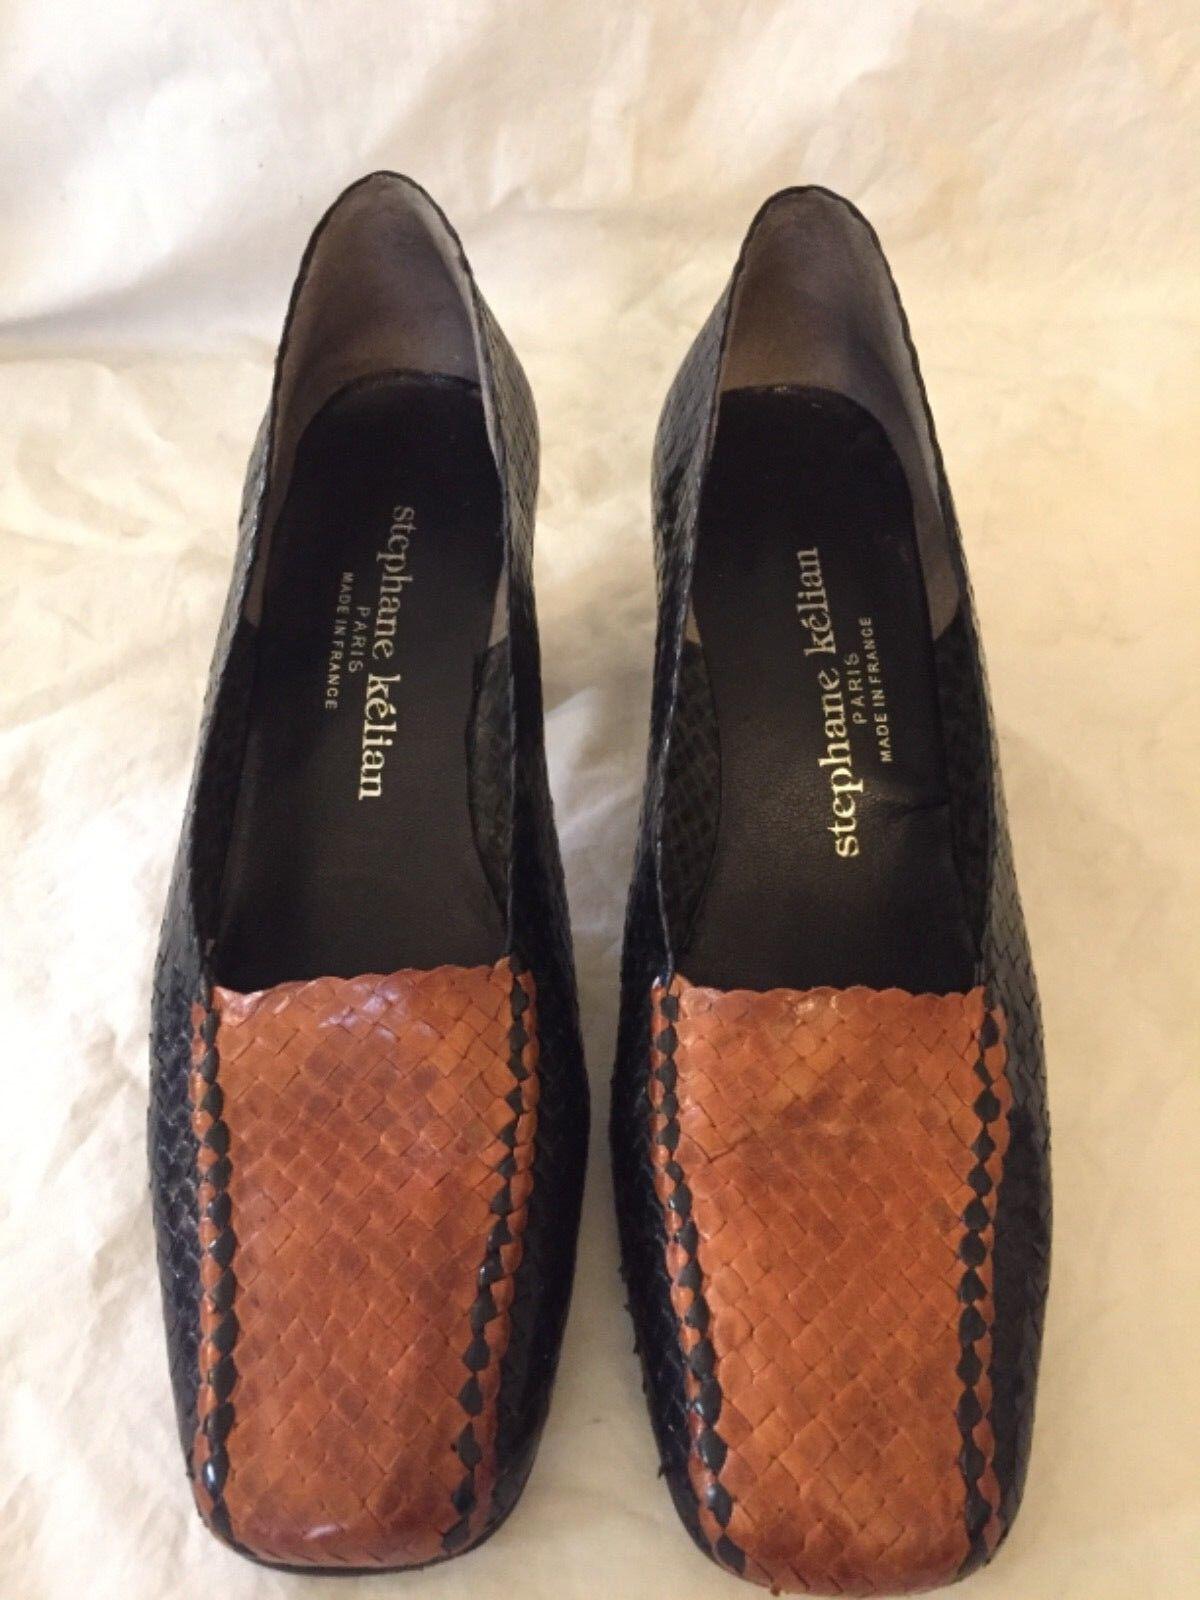 precios bajos Stephane Stephane Stephane Kelian Zapatos Mujer Negro y Marrón  ordenar ahora